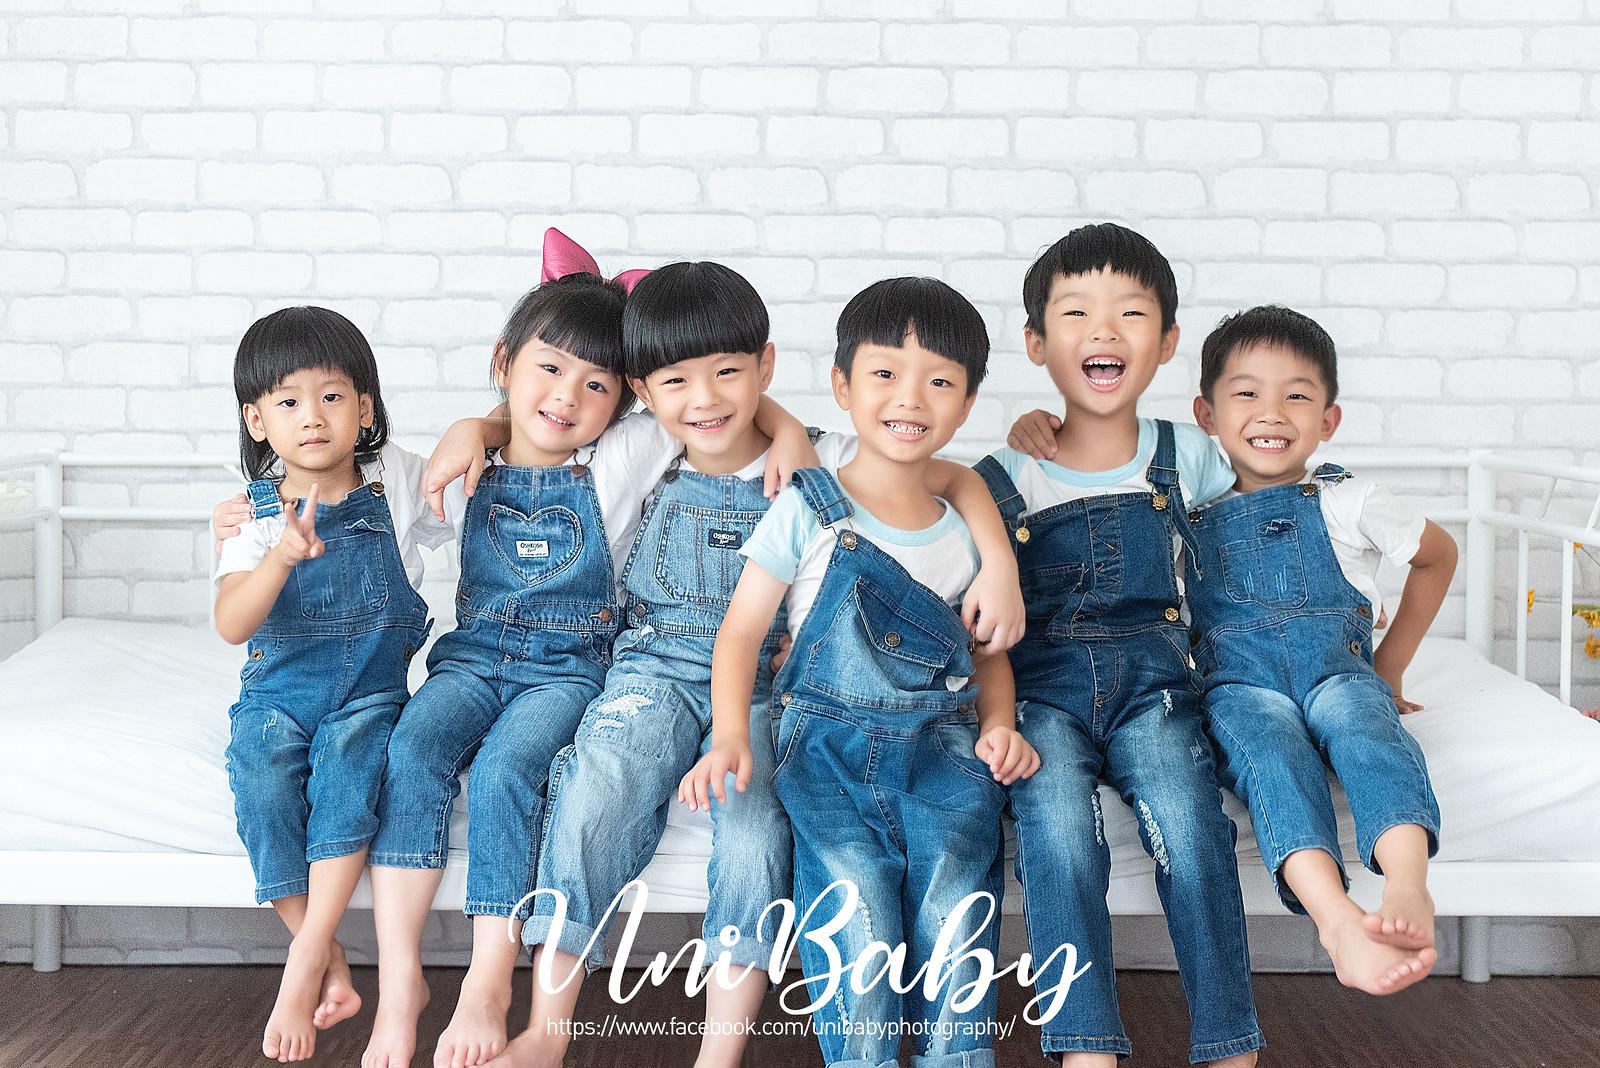 UniBaby 攝影棚 嘉嘉媽咪團拍親子寫真精修-2FB